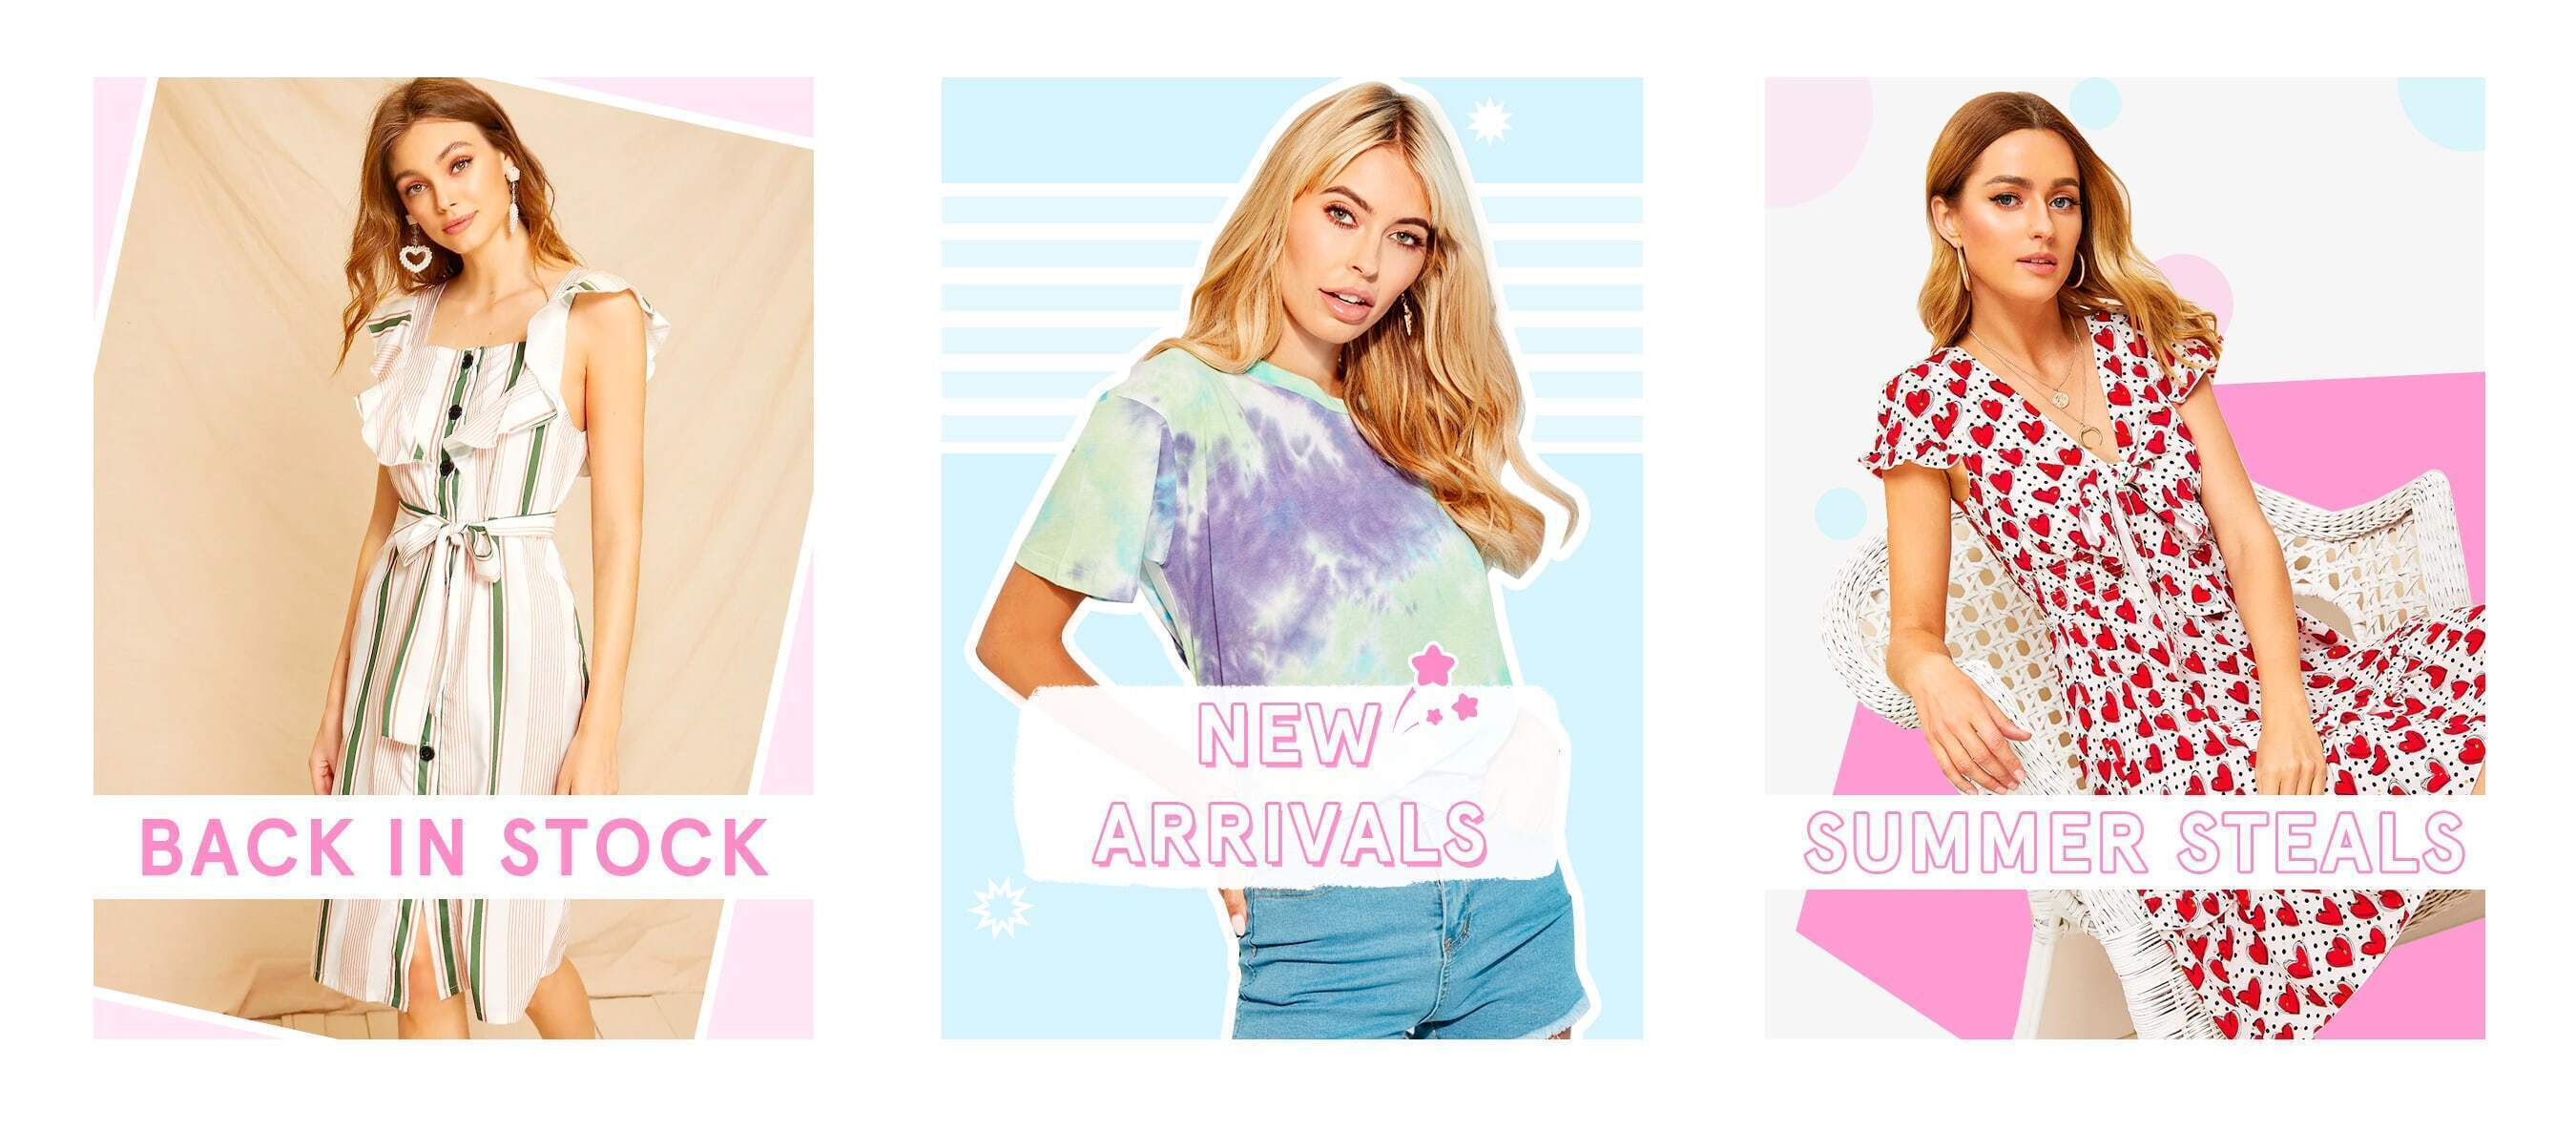 4d6de4b717 Women's & Men's Clothes, Shop Online Fashion | SHEIN UK